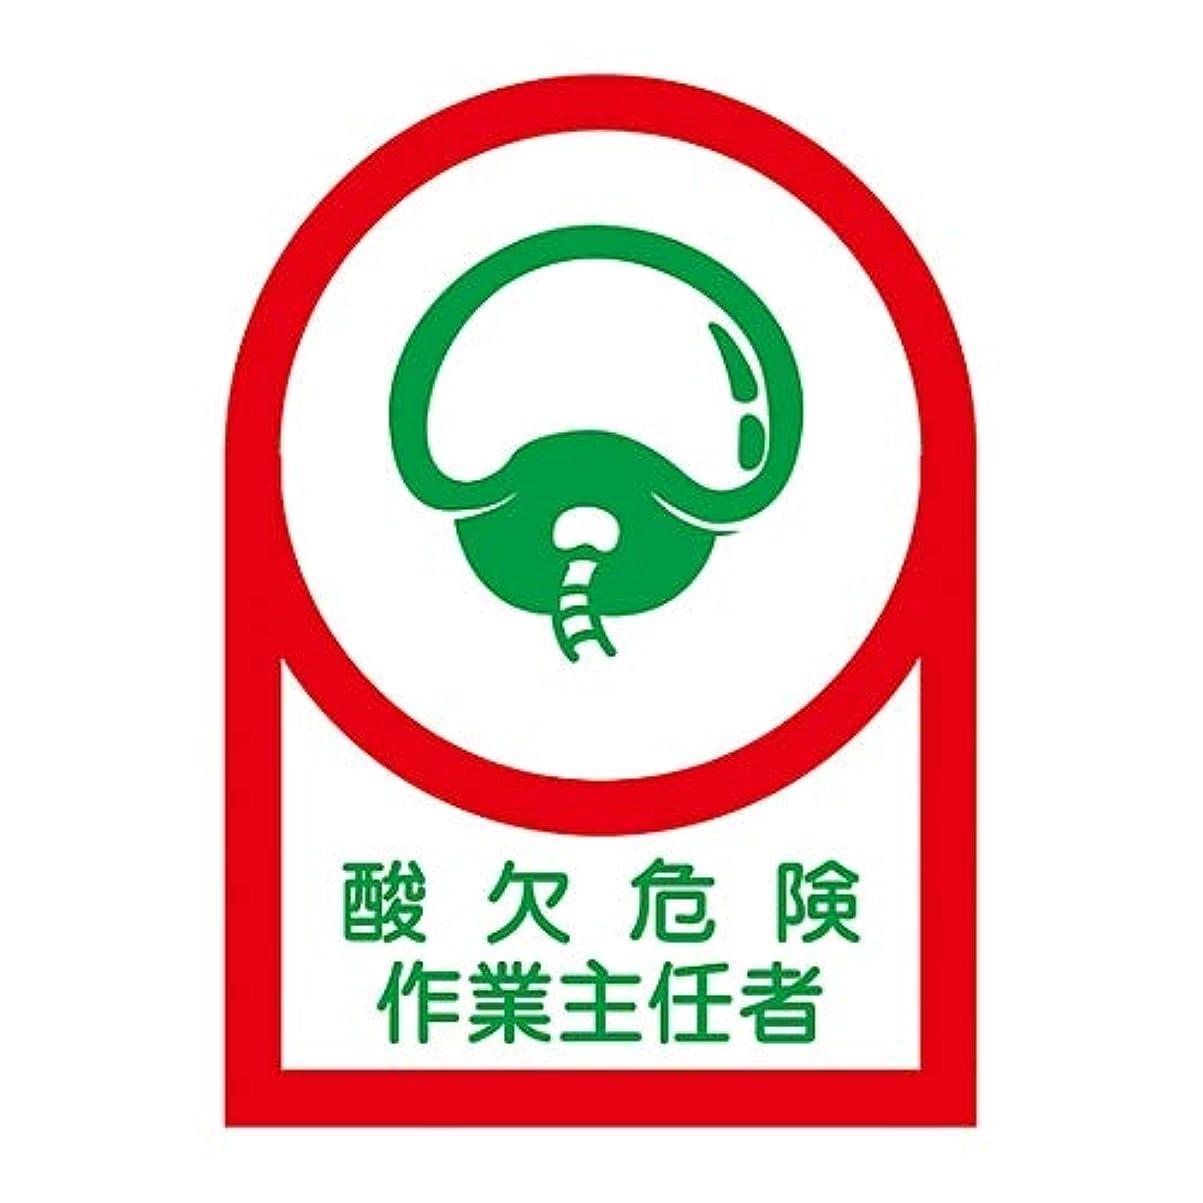 神社ソファーオーナメントヘルメット用ステッカー 「酸欠危険作業主任者」 HL- 1/61-3421-96